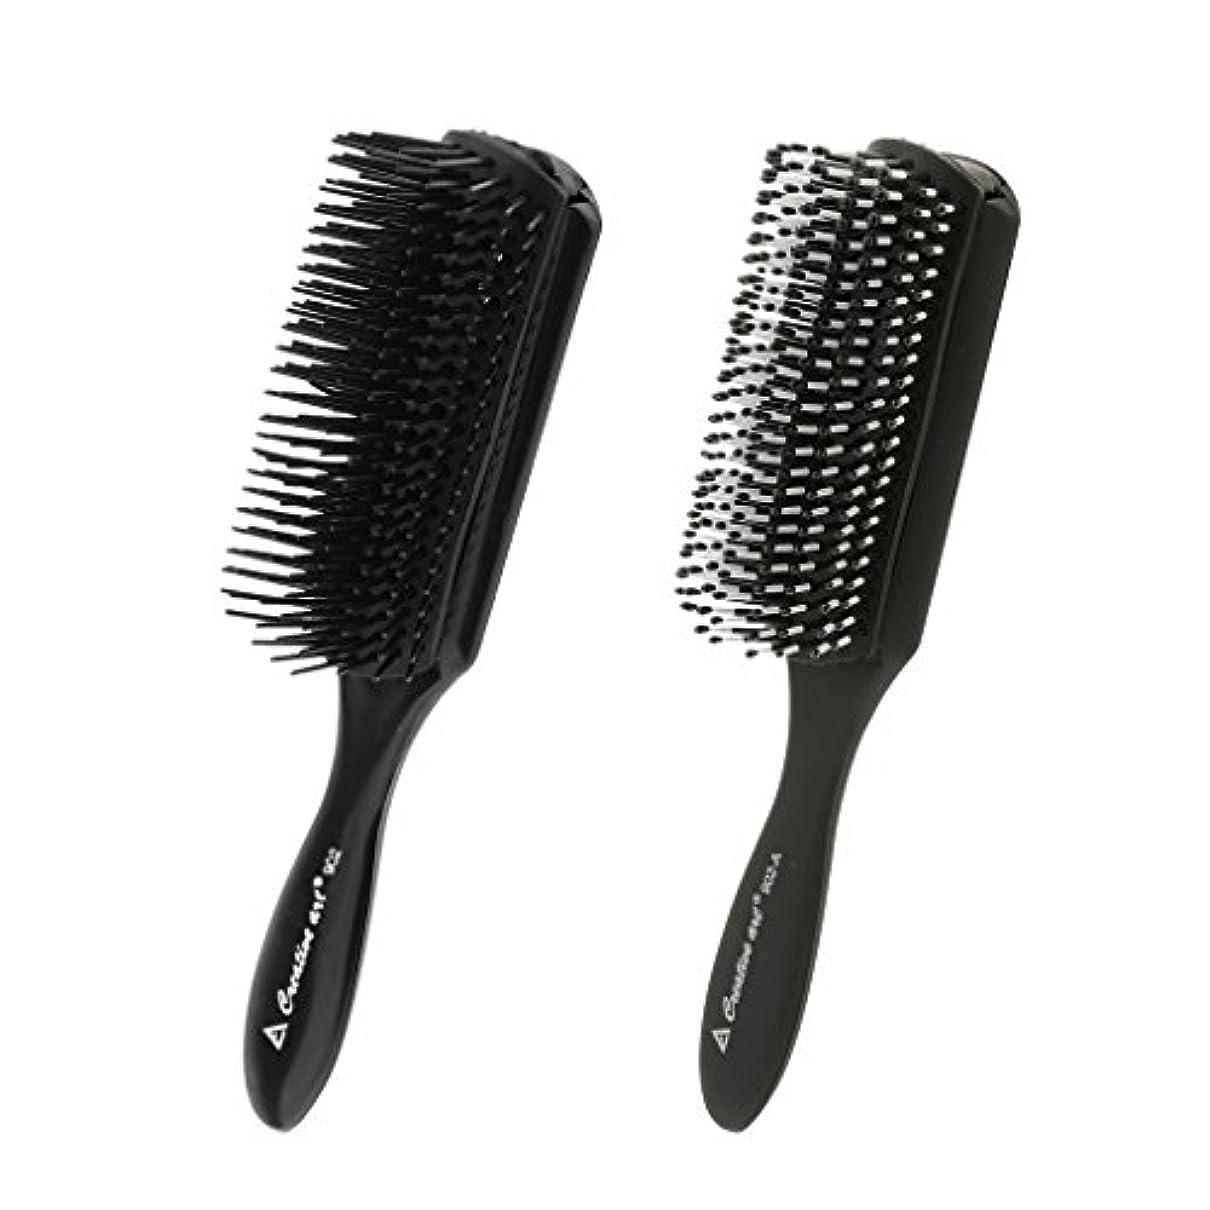 毒性部分的にマダムCUTICATE 2本の黒い髪のスタイリングの櫛頭皮マッサージブラシサロン理髪用